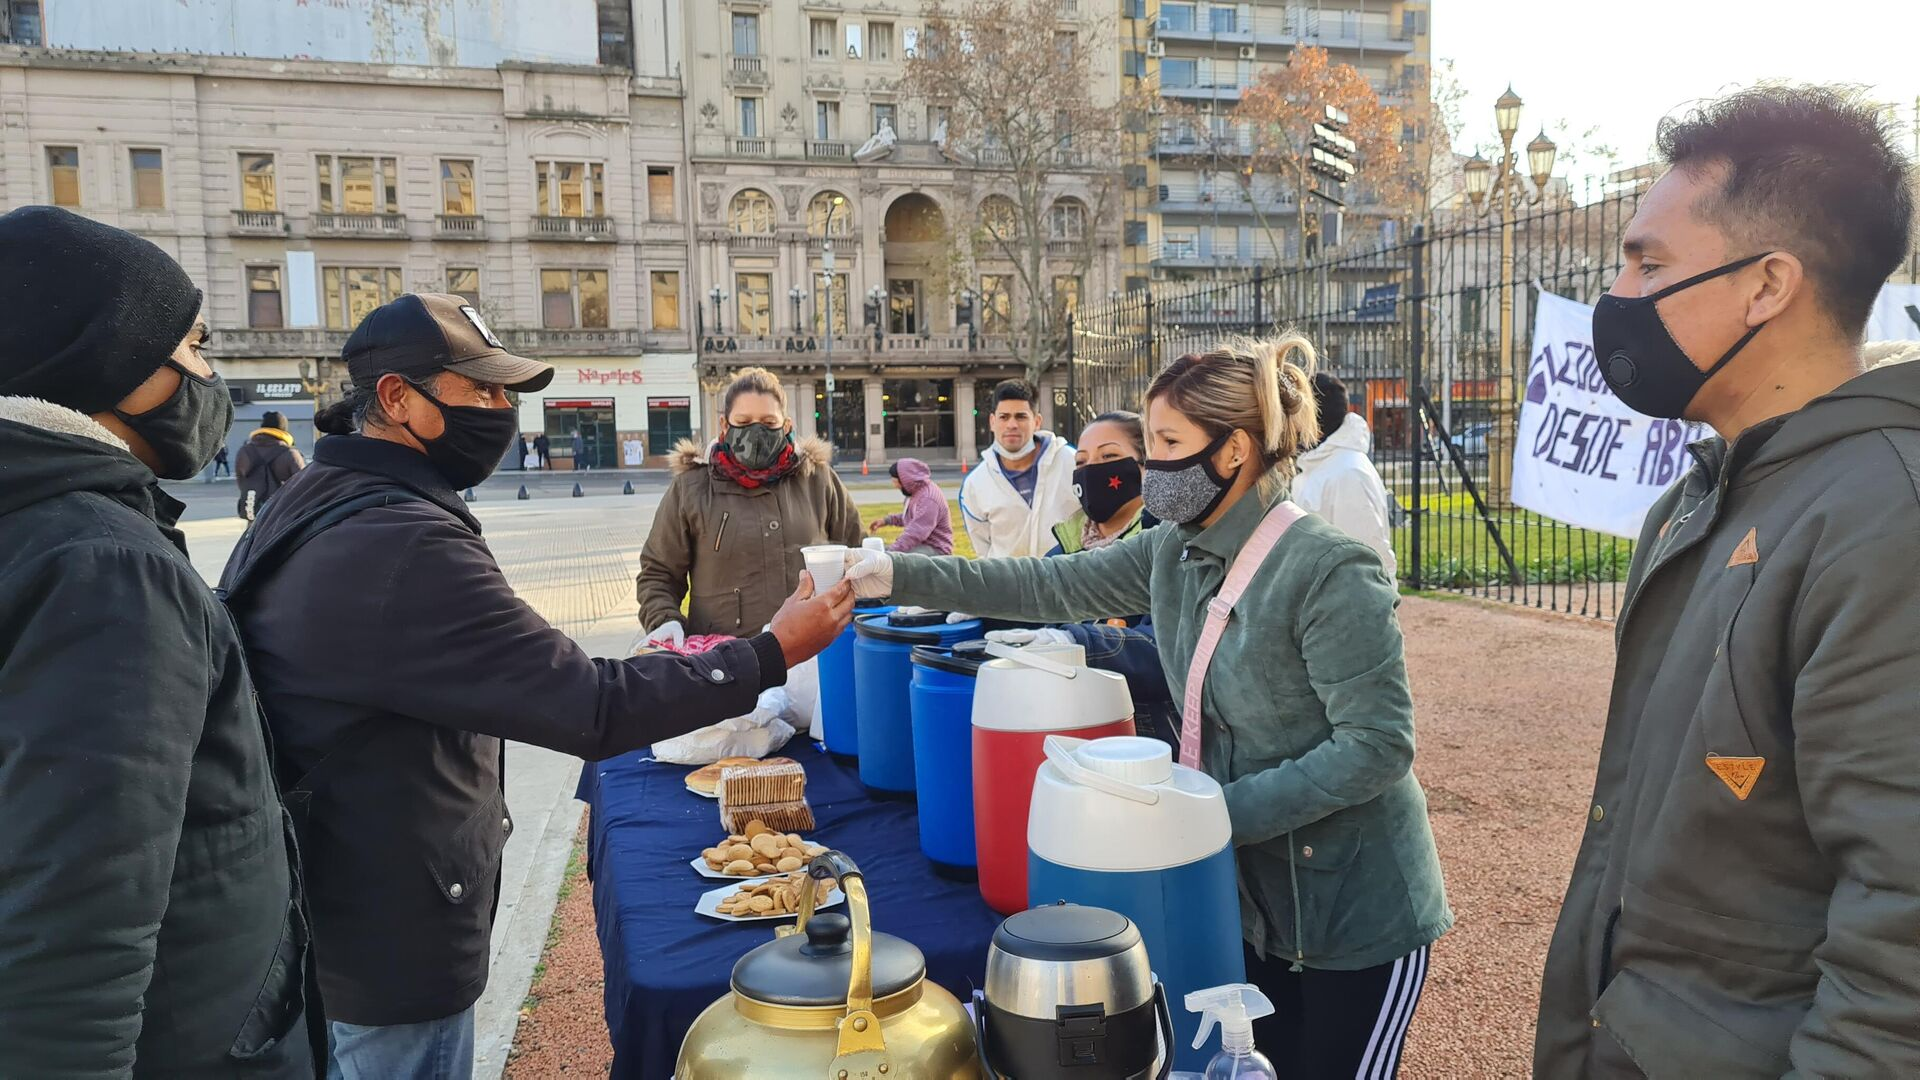 Hubo 1.000 desayunos en Argentina para visibilizar el hambre de las personas en situación de calle y los pobres - Sputnik Mundo, 1920, 22.06.2021